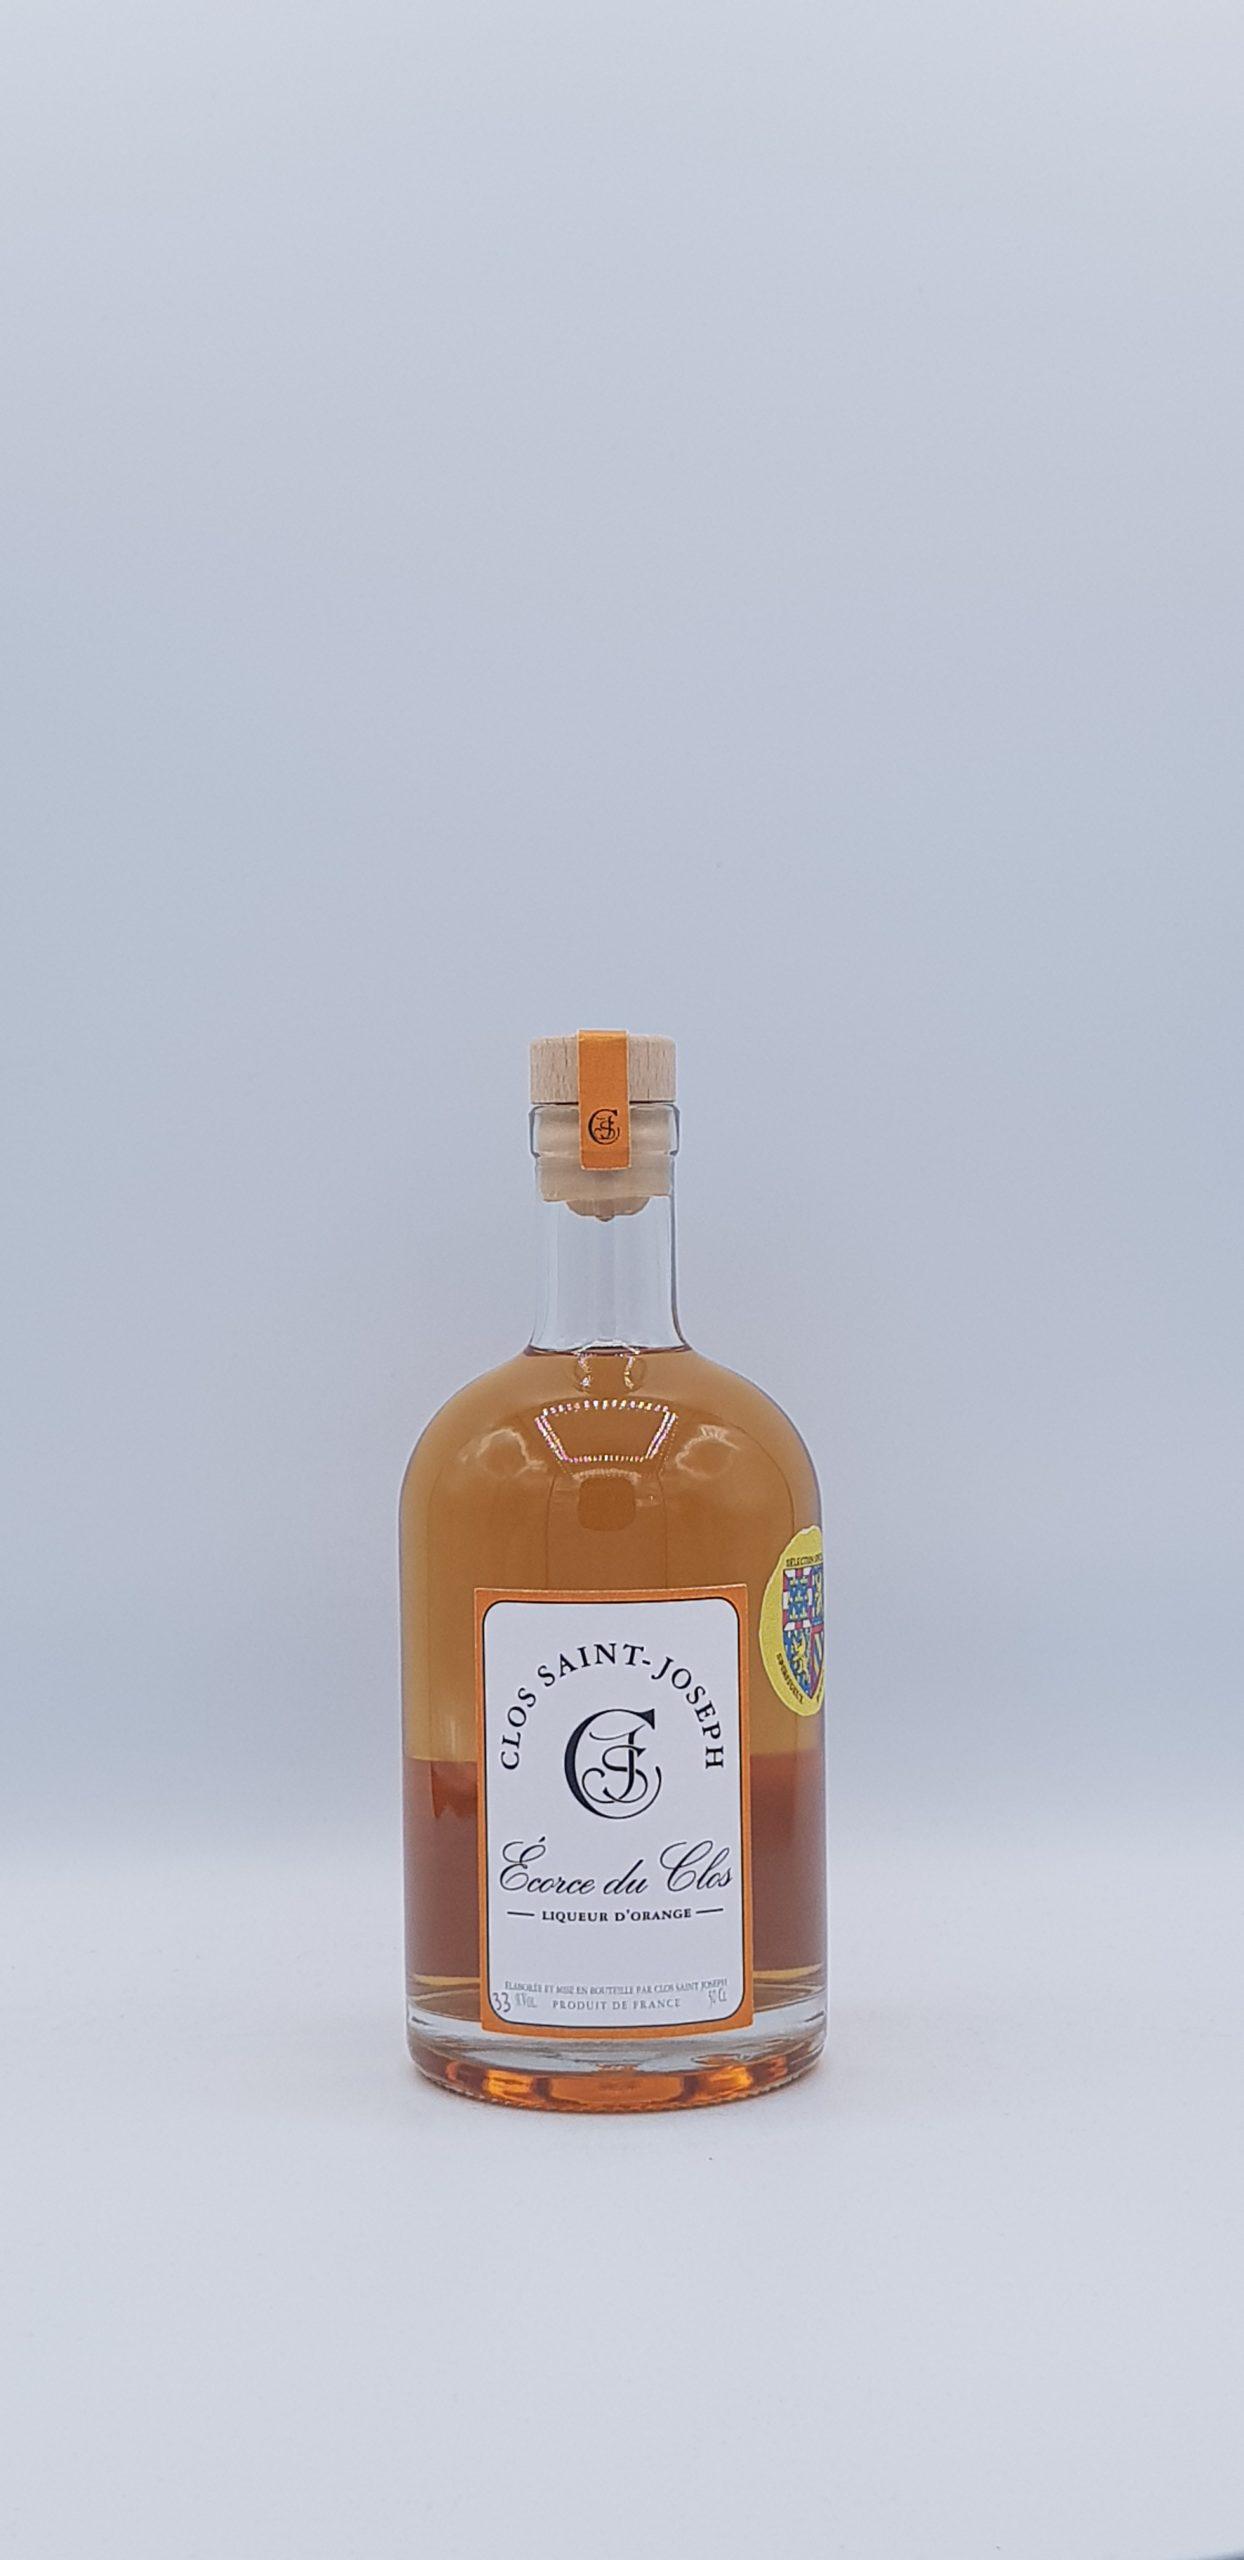 Ecorce du Clos Liqueur d'Orange